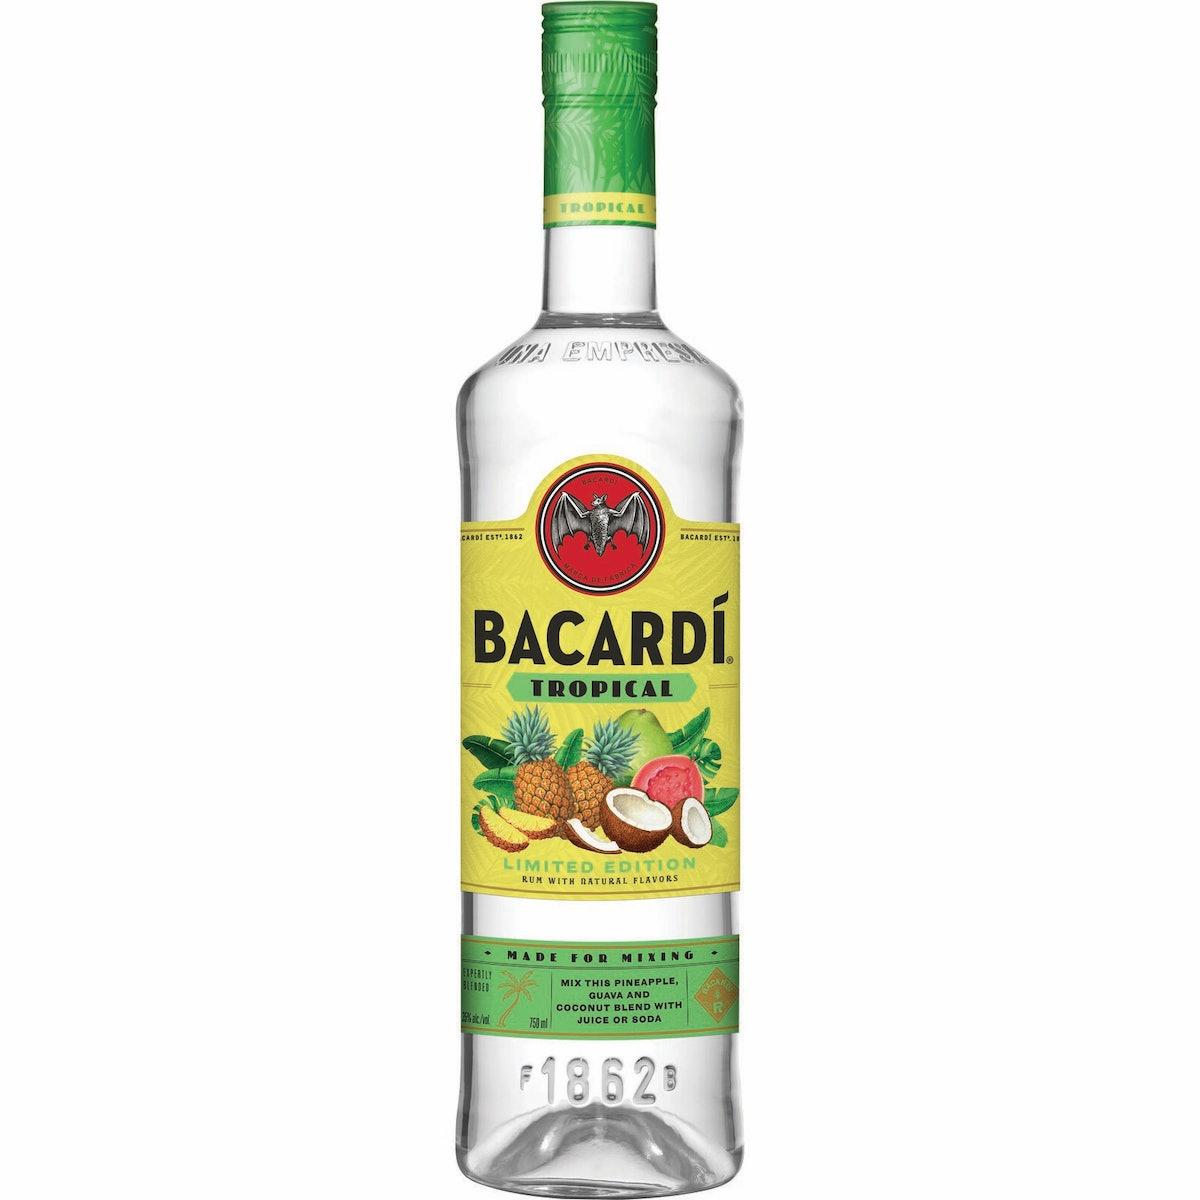 Bacardí Tropical